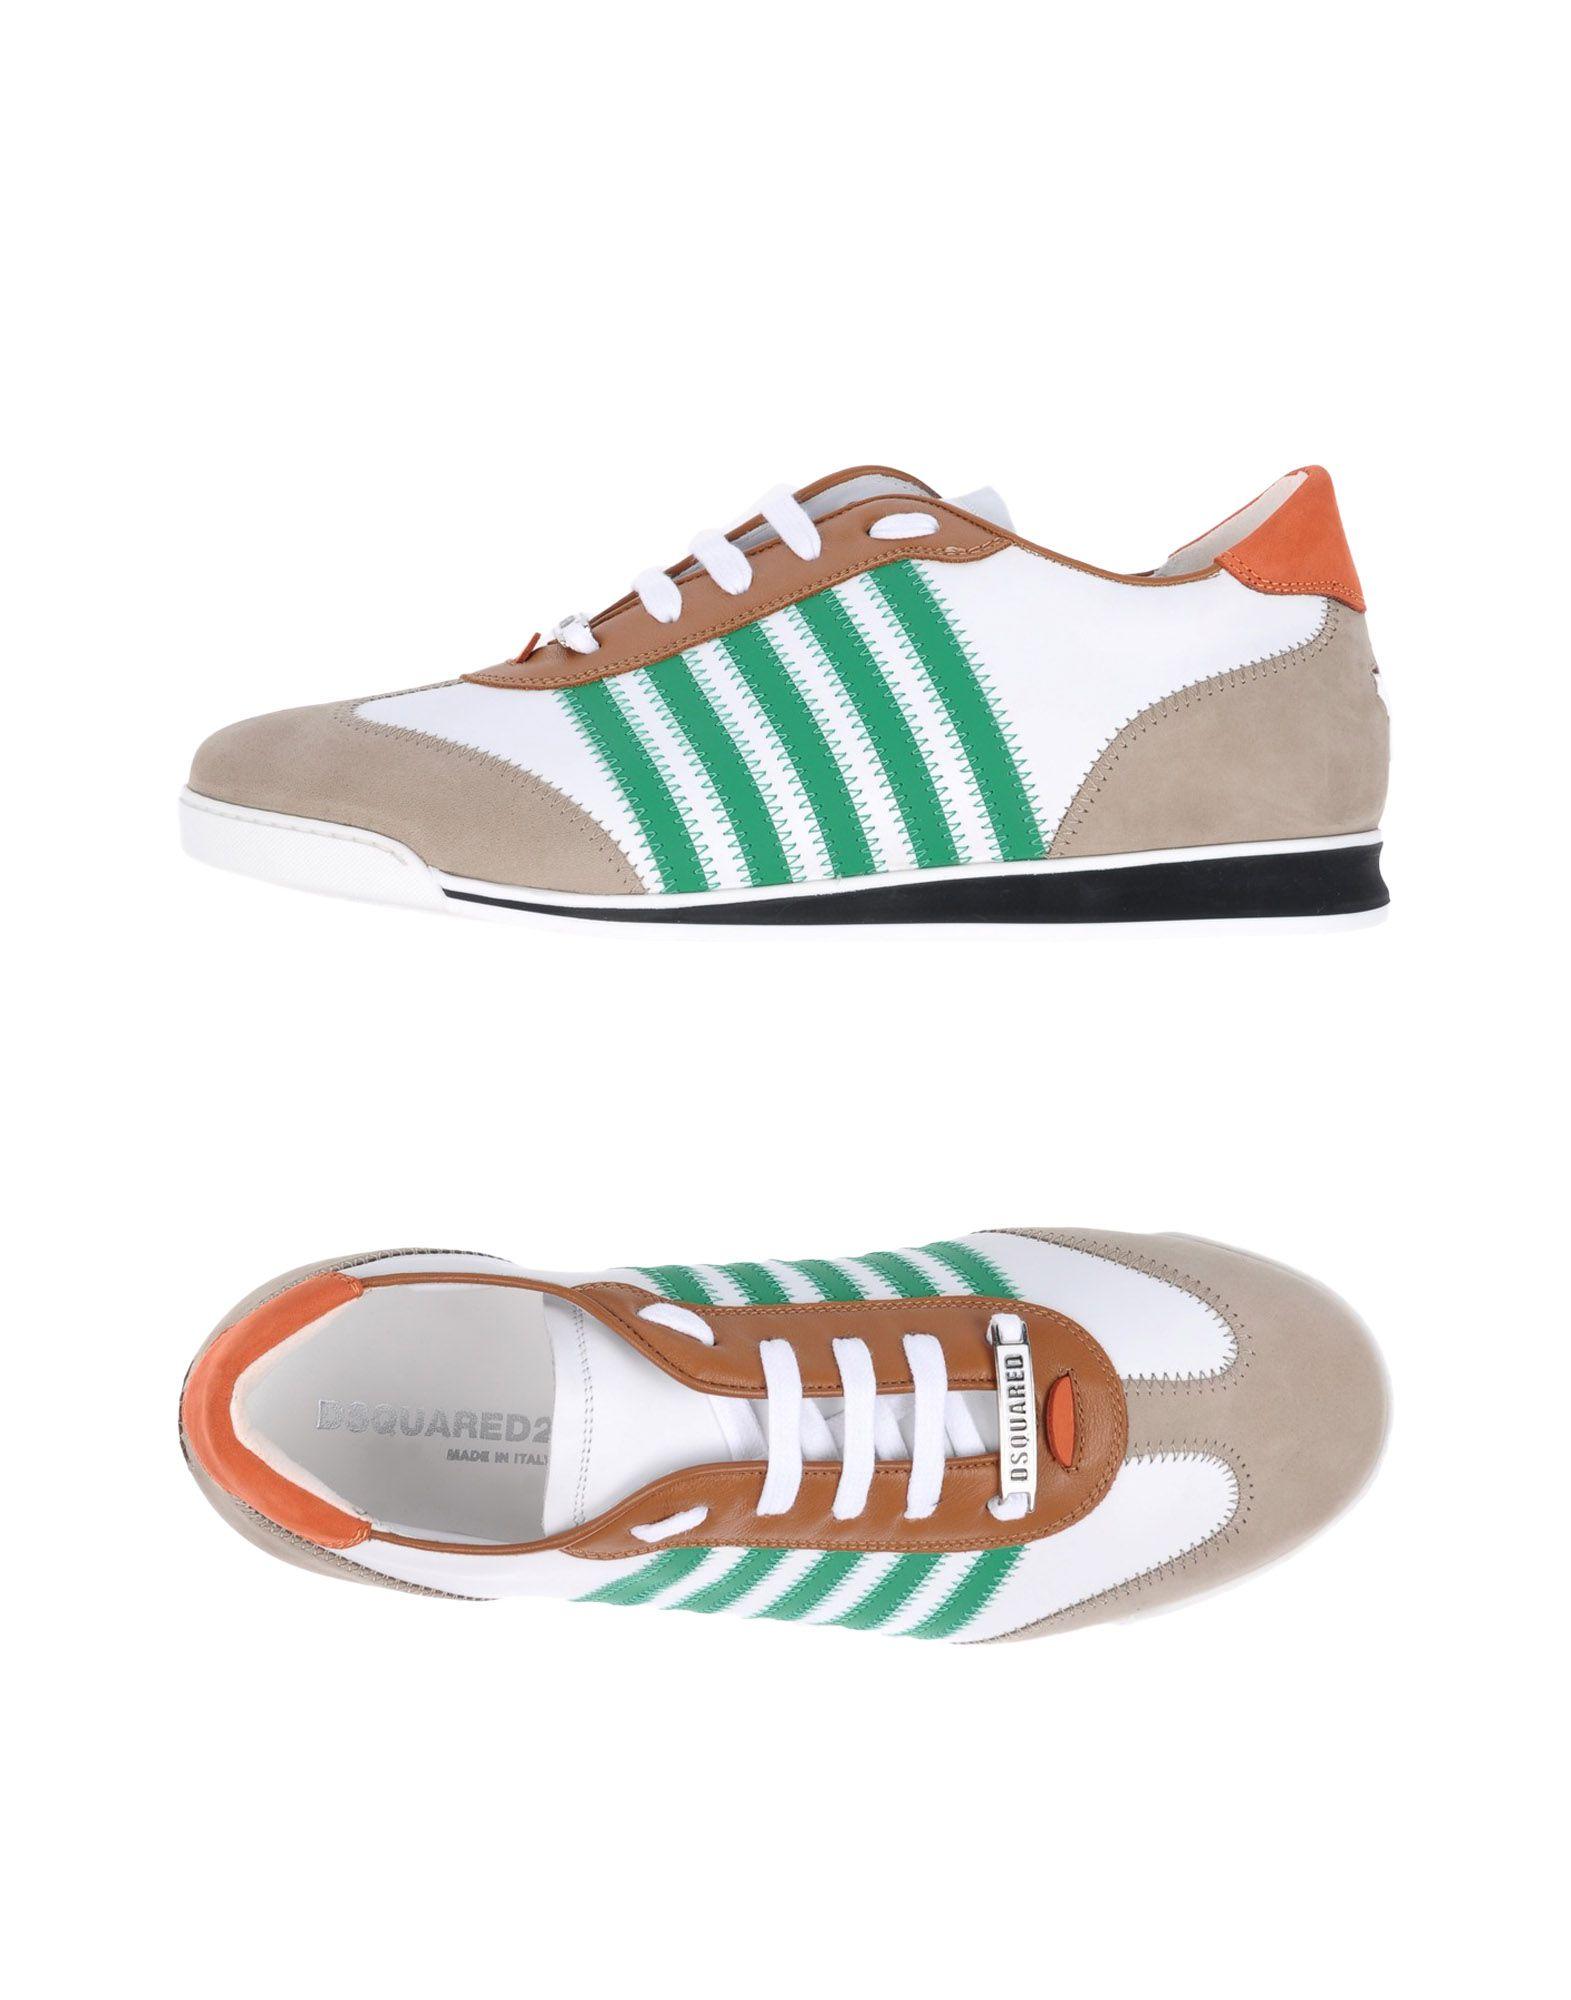 Dsquared2 Sneakers Herren  11298831KC Gute Qualität beliebte Schuhe